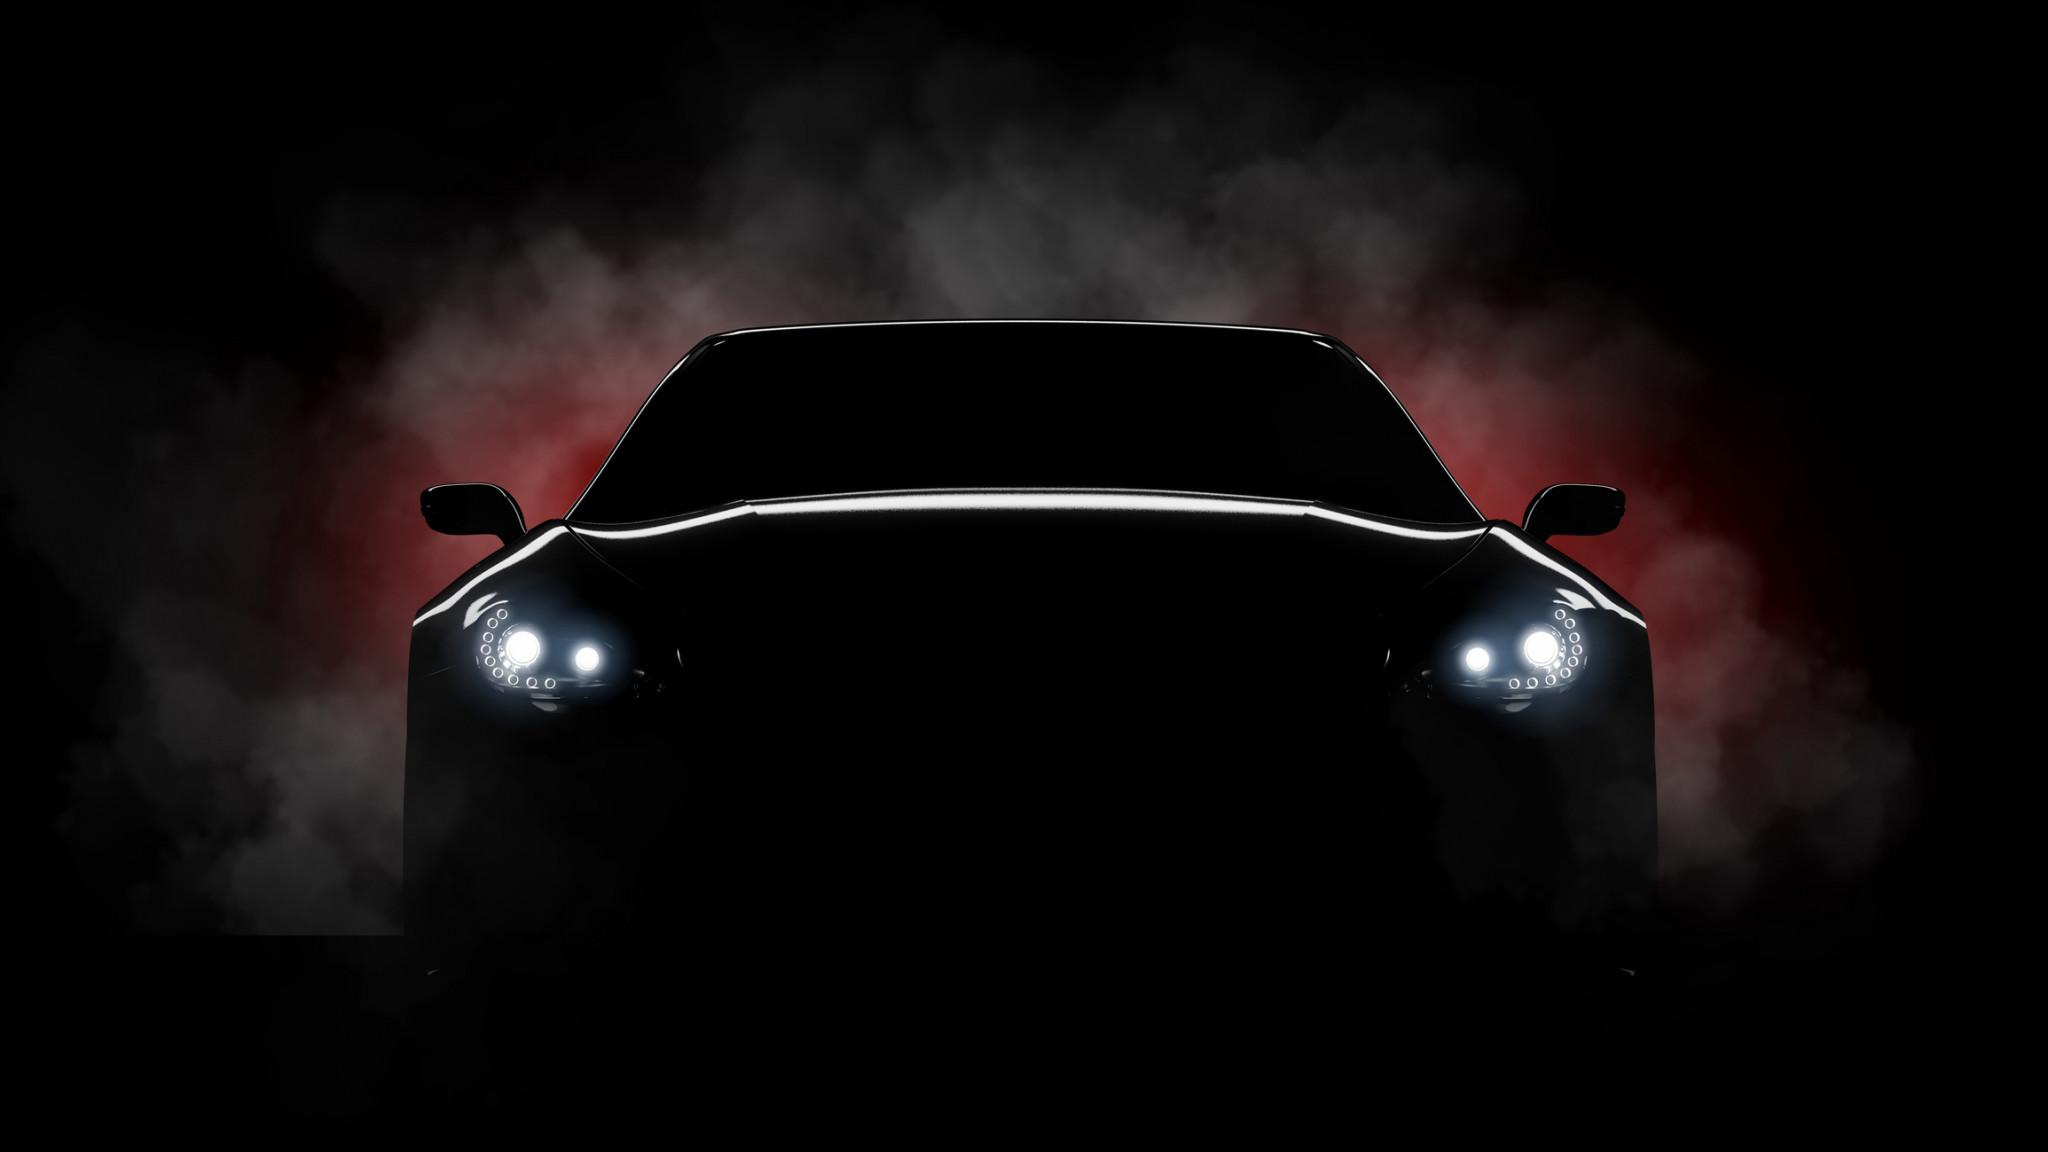 car headlights against dark background